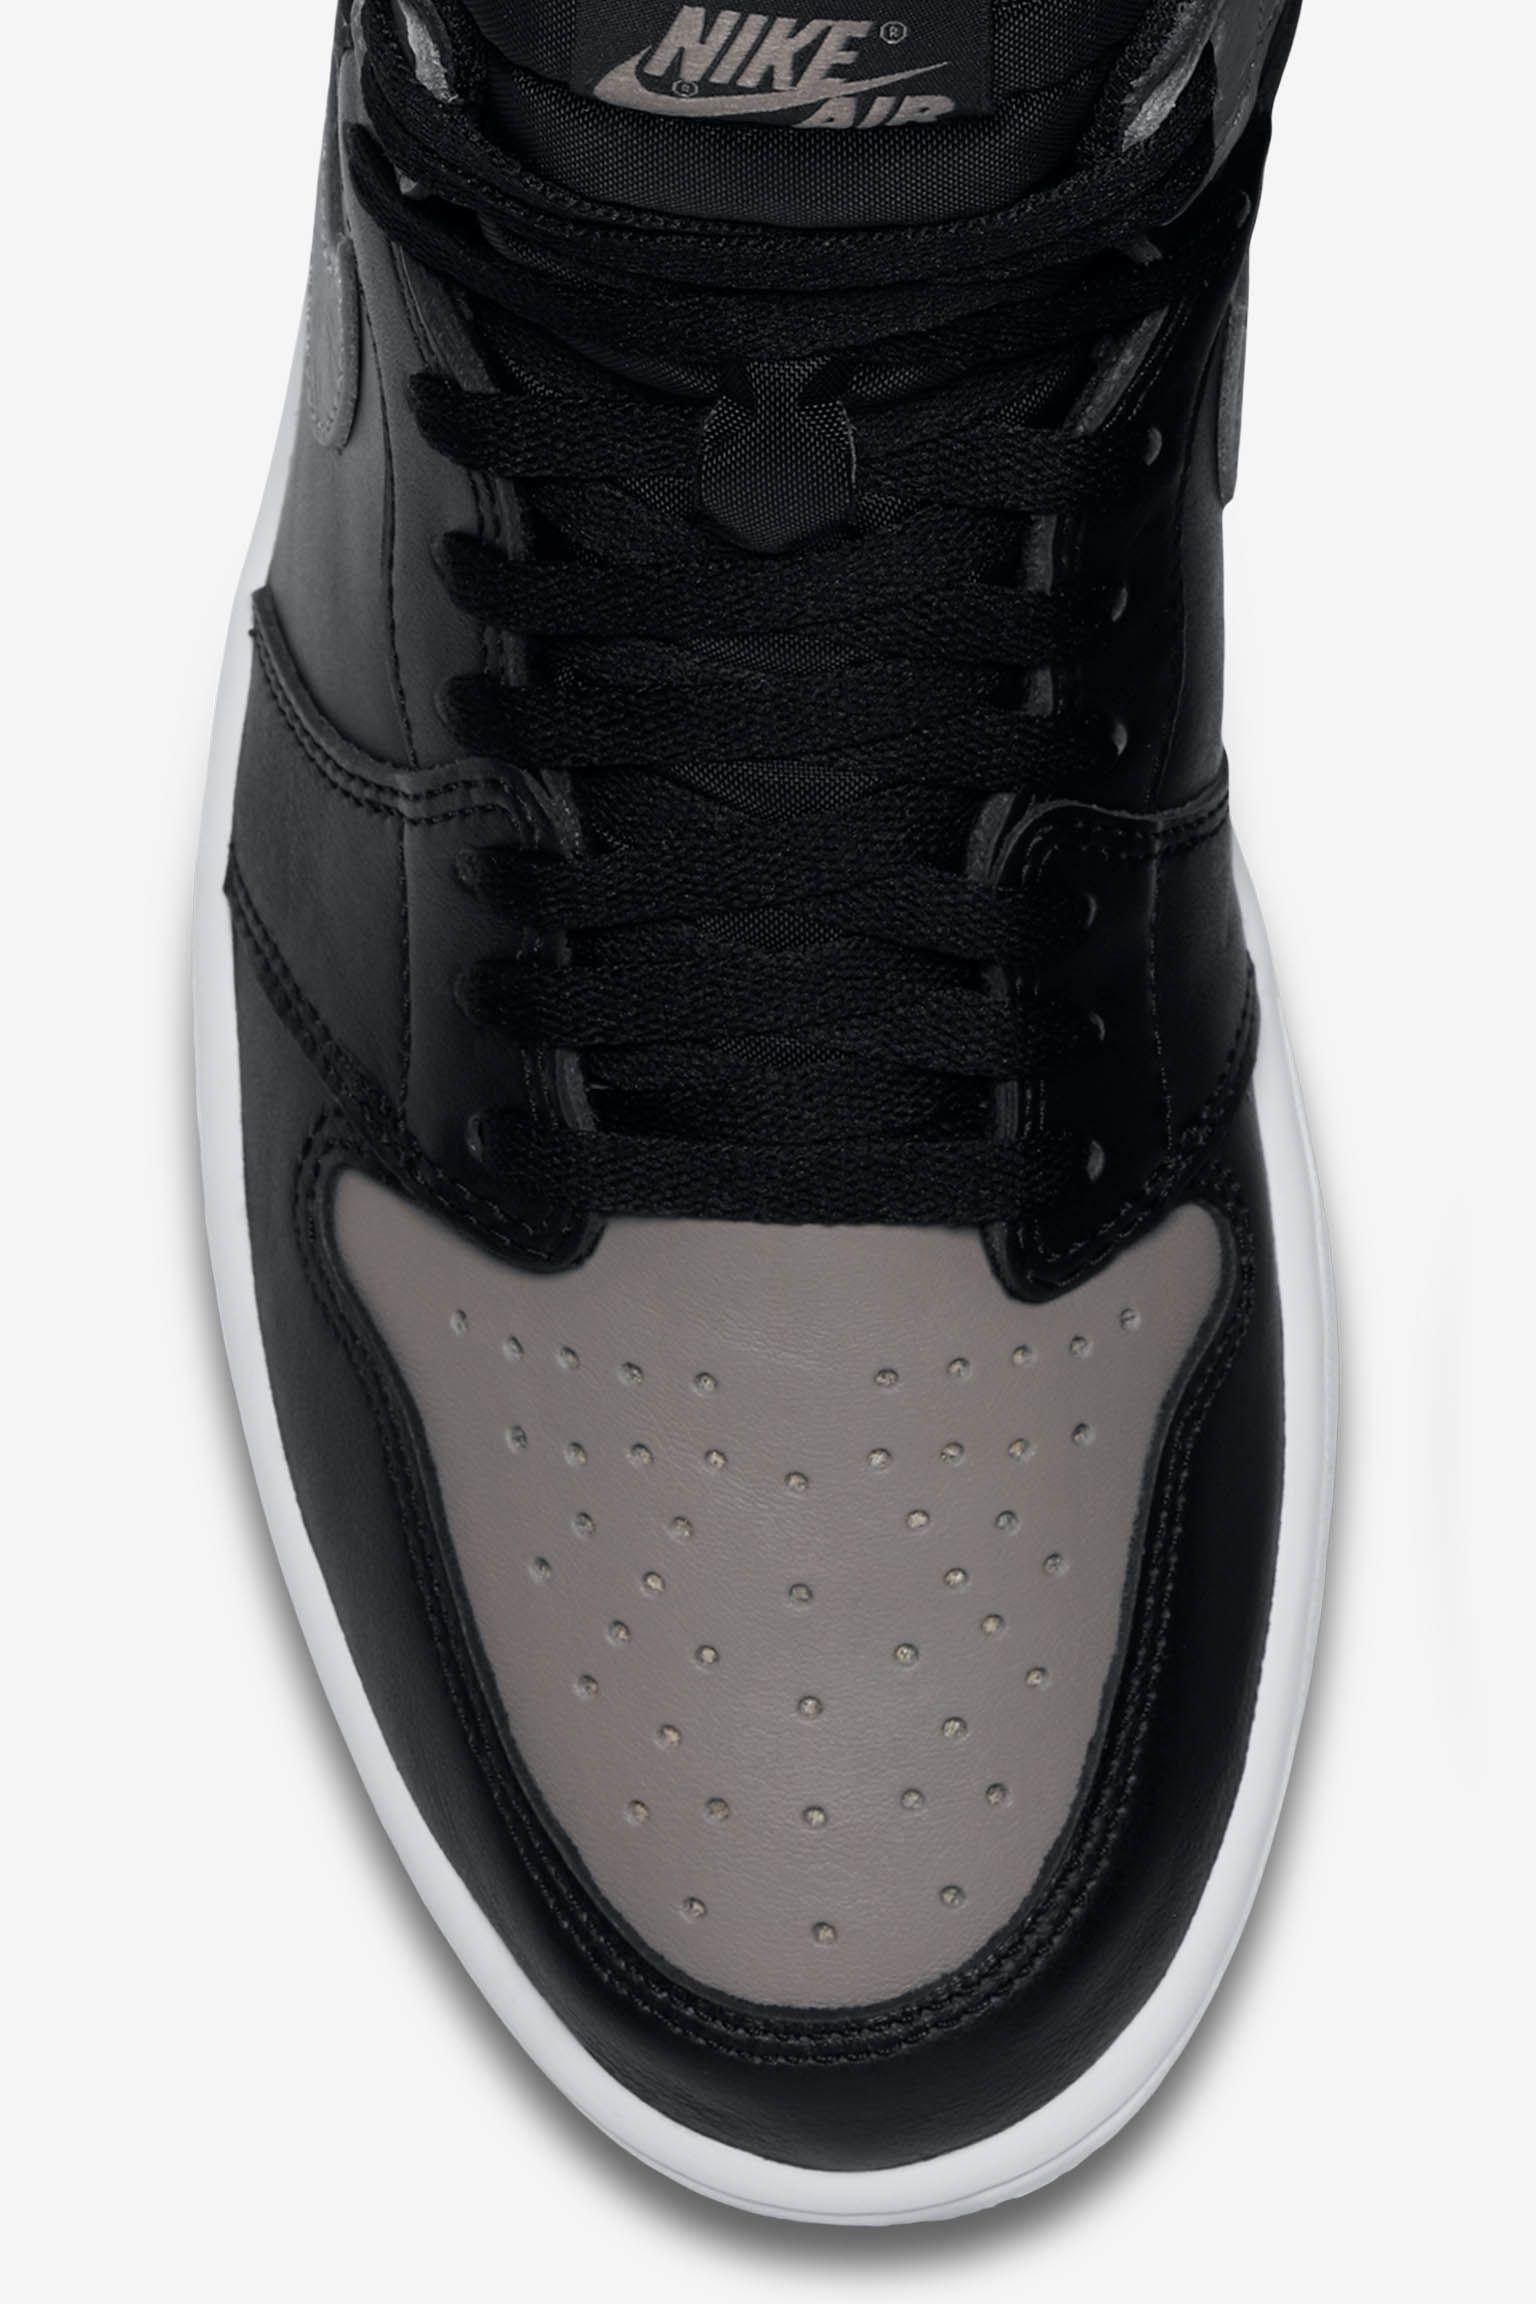 Air Jordan 1 'Shadow' Release Date